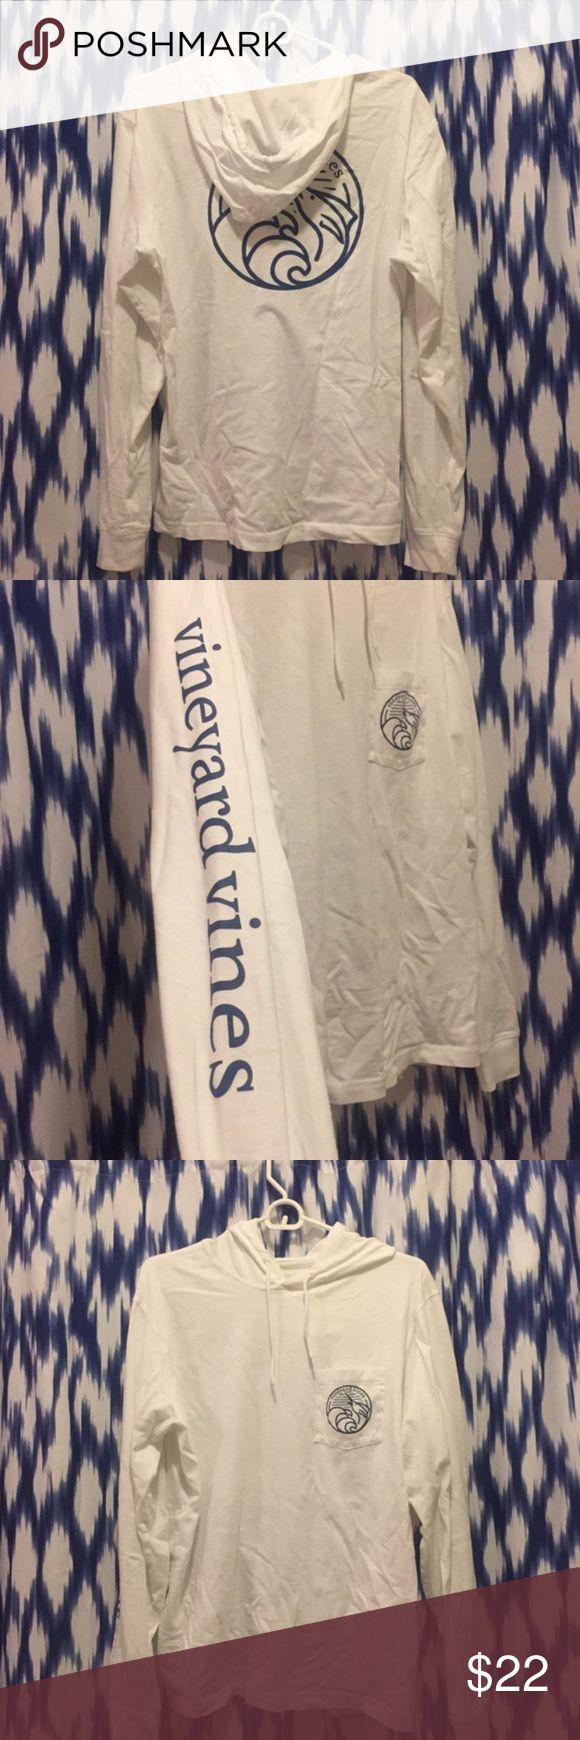 Vineyard Vines XS Tshirt Hoodie White mens, XS Tshirt hoodie, like new! Vineyard Vines Shirts Tees - Long Sleeve